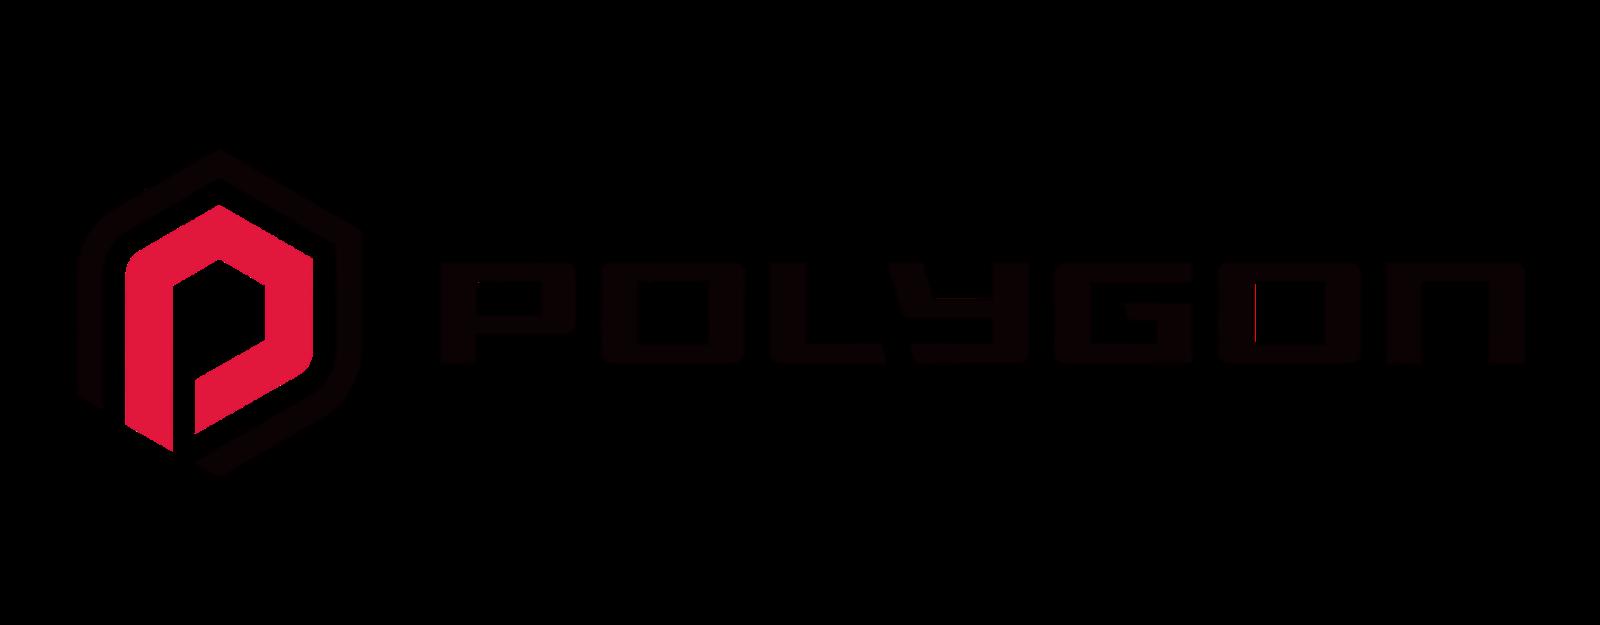 Logo Polytron Format PNG